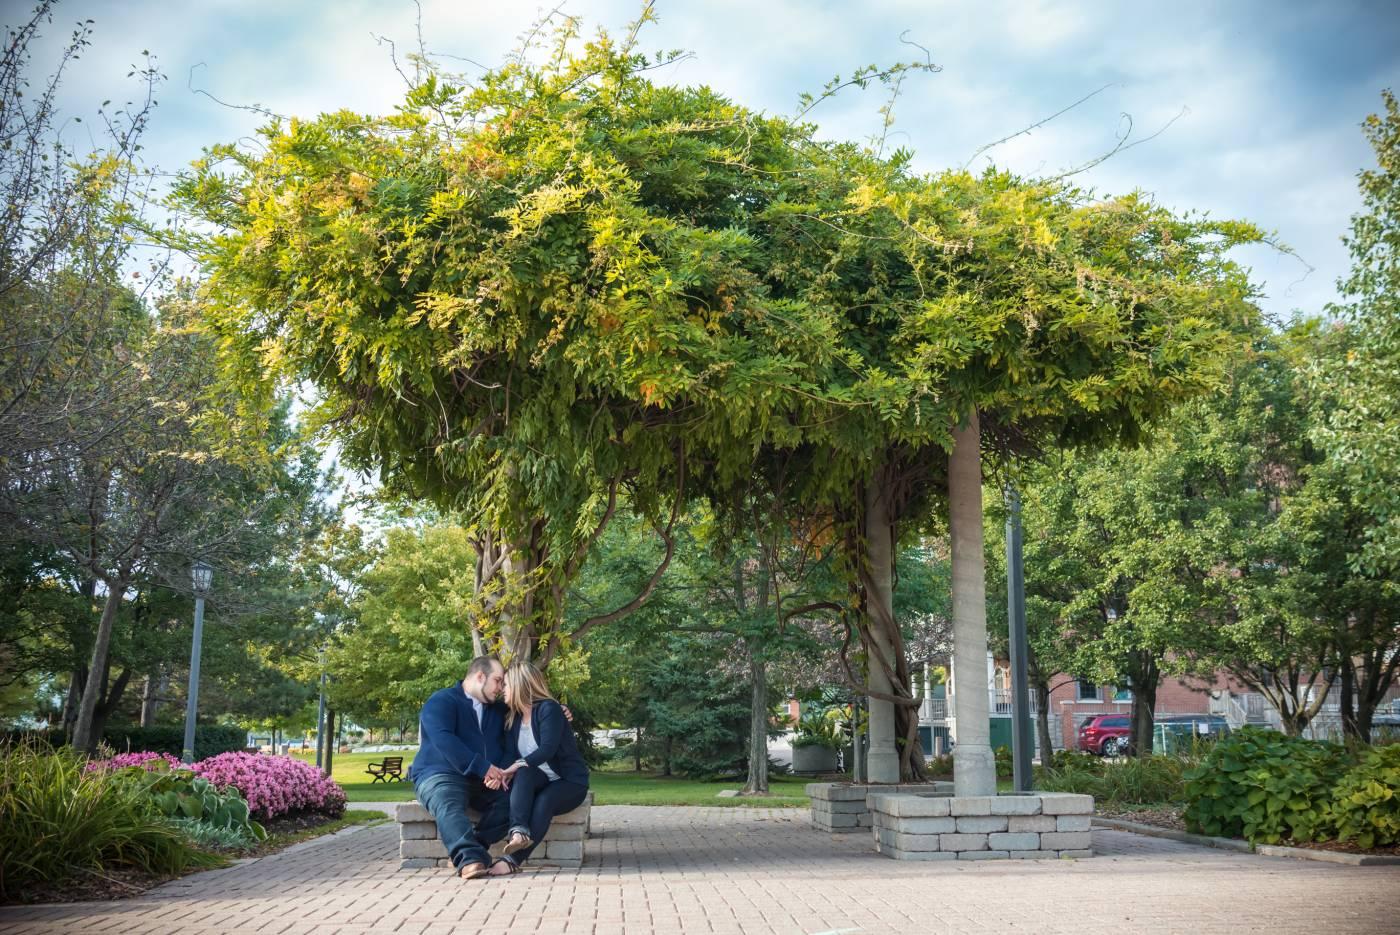 amherstburg Navy park engagment pictures Tanya Sinnett